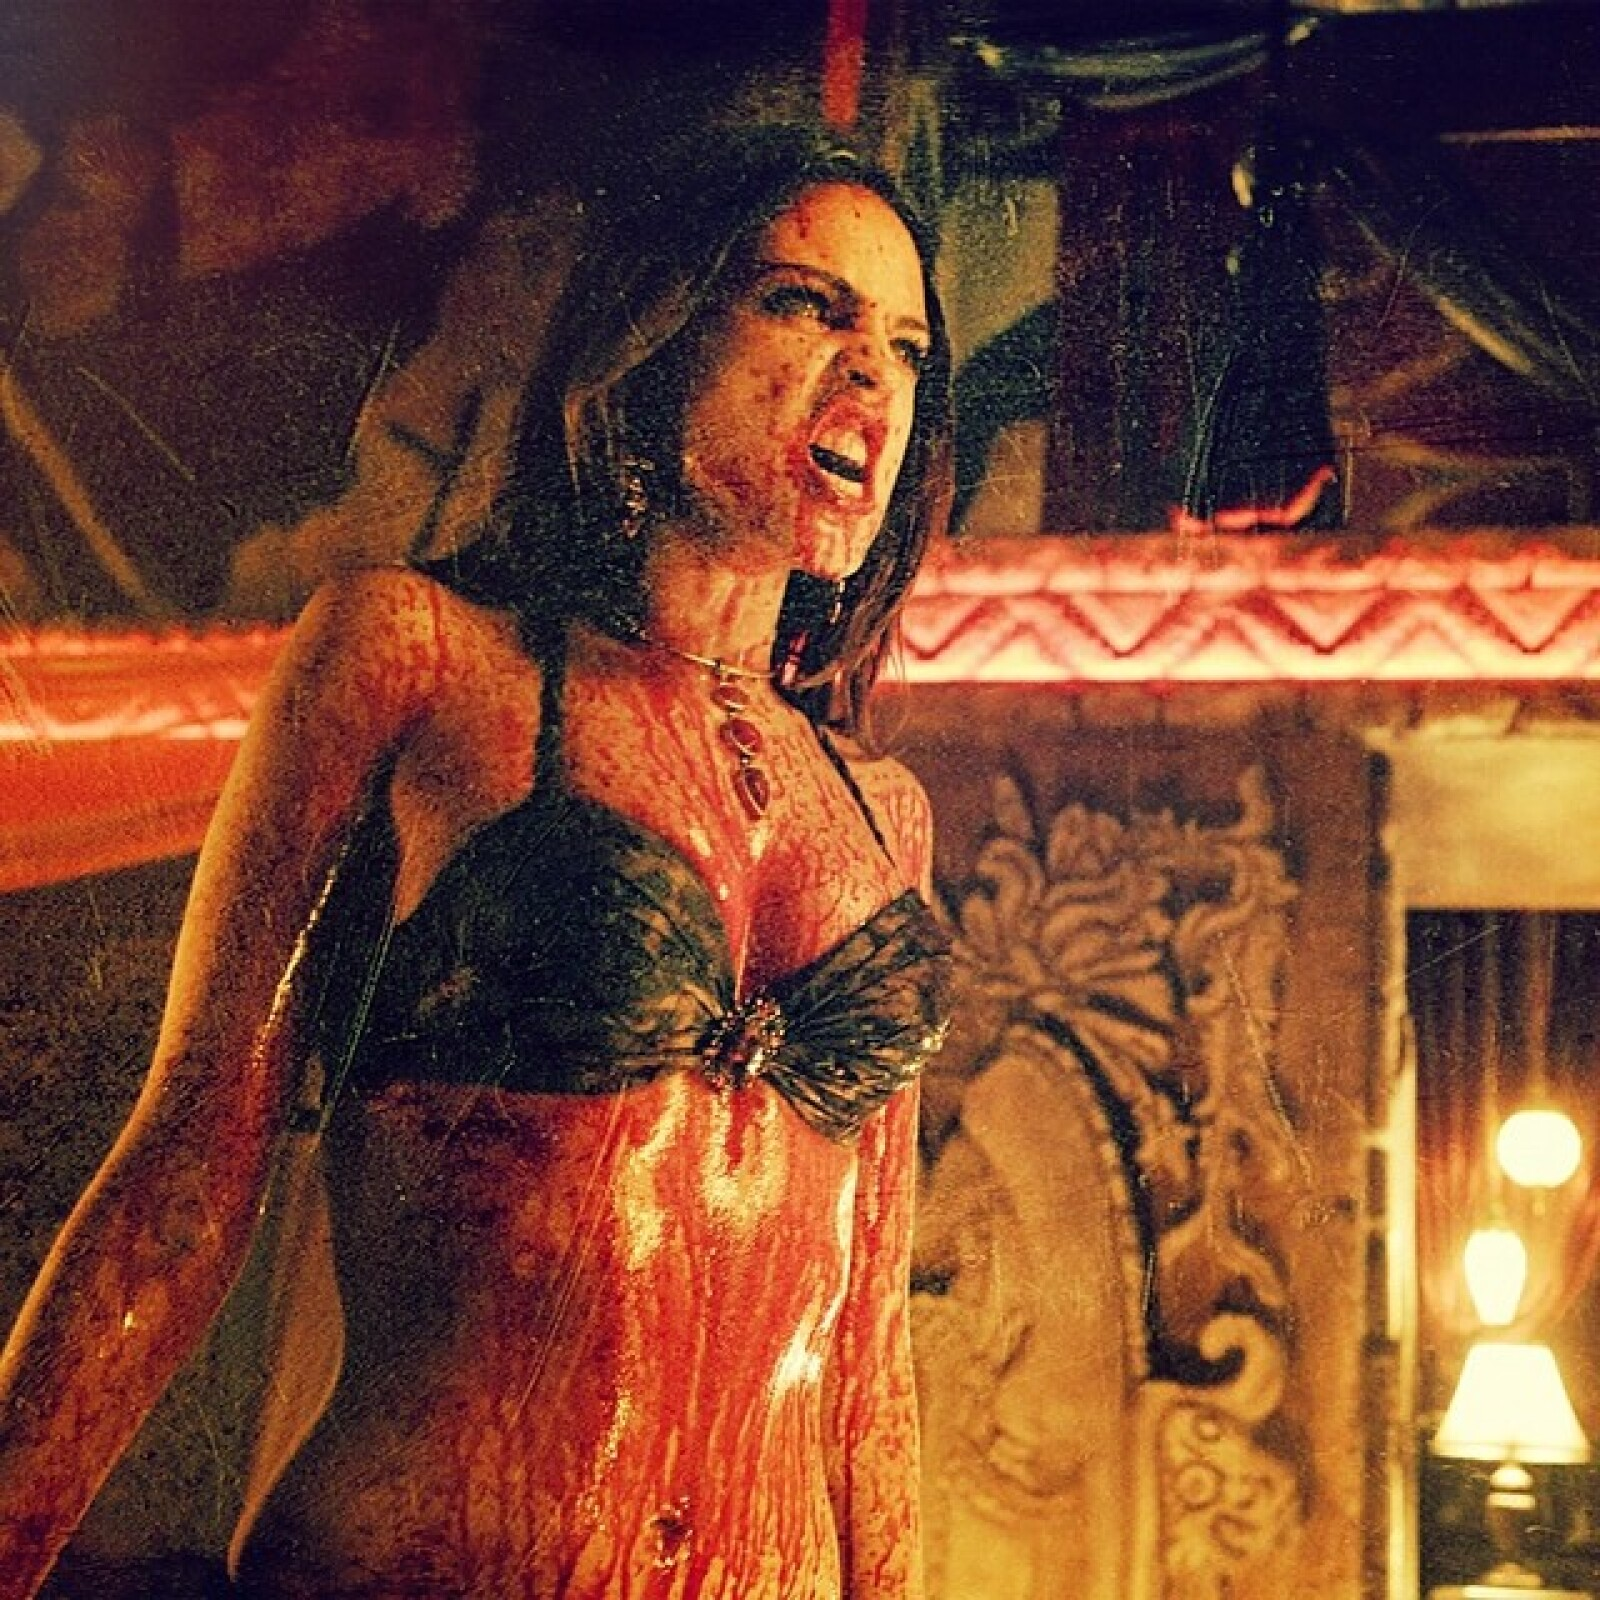 Santánico Pandemonium seguía causando terror. From Dusk Till Dawn fue renovada para una segunda temporada.